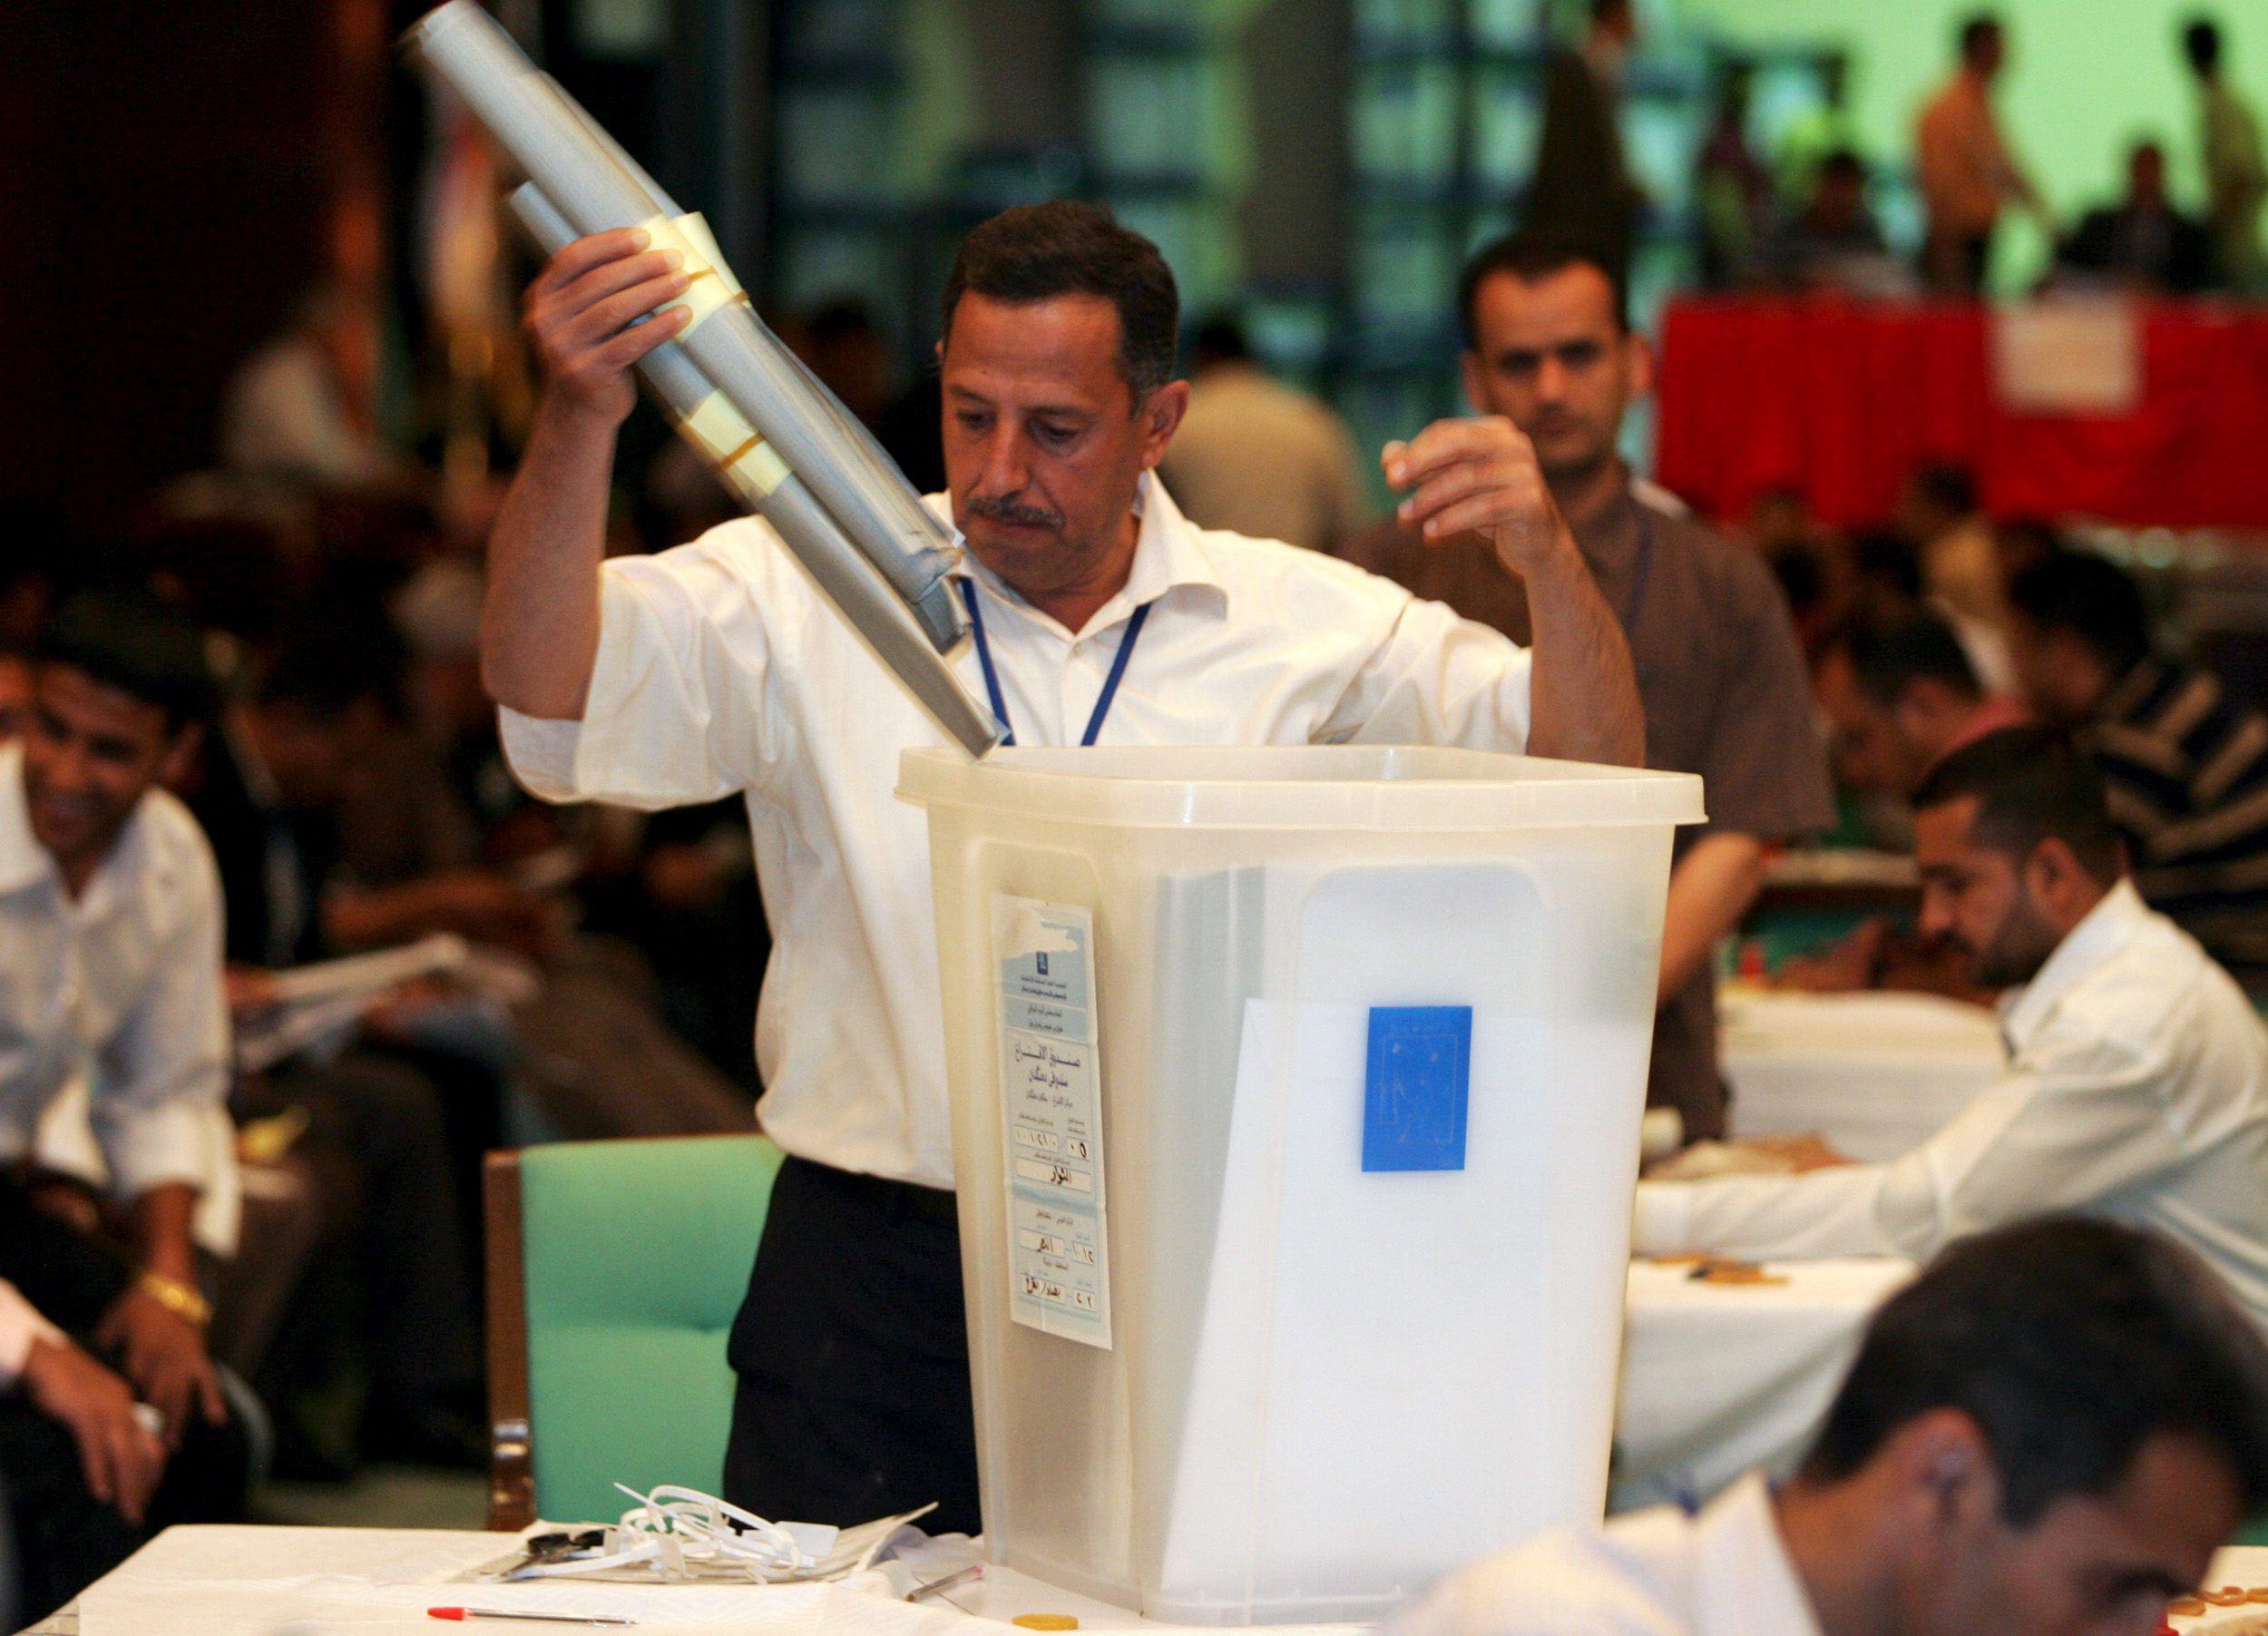 La Comisión Electoral iraquí dimite por supuestas presiones